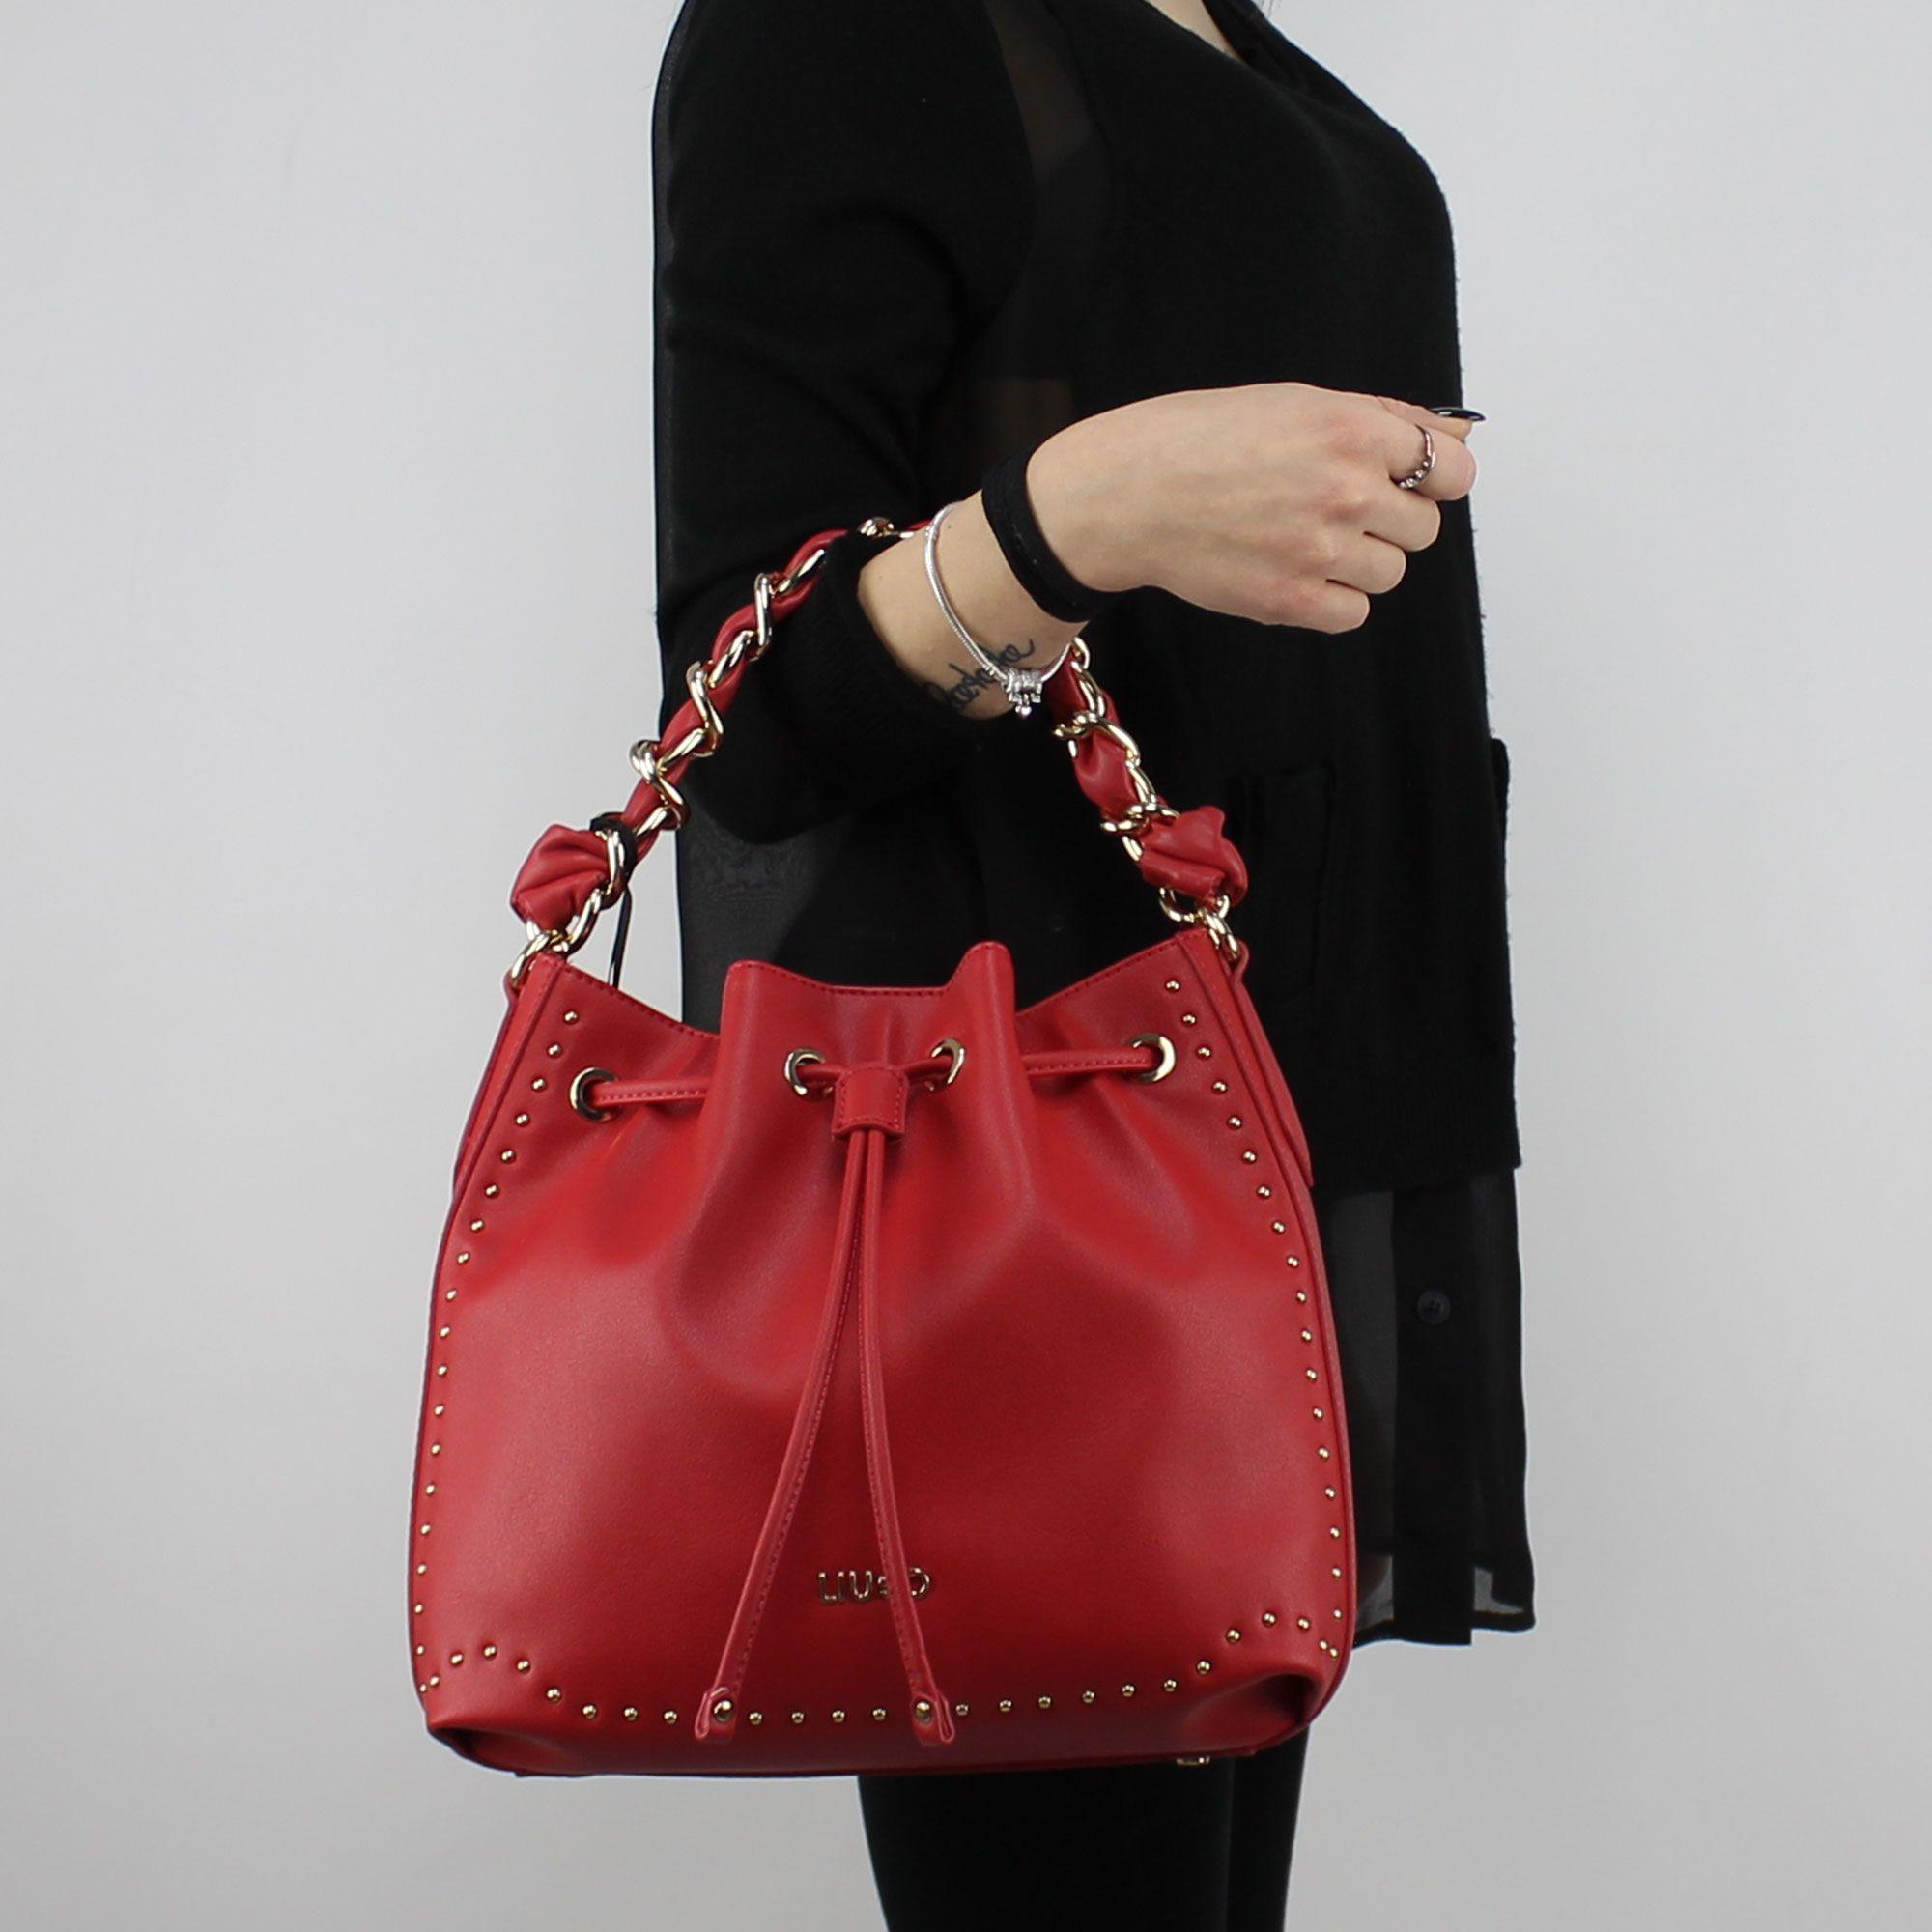 LUBITY Sac /à Main Femme R/étro Couleur Unie Chic Rivet Multi-Poches en Cuir PU Sac /à Bandouli/ère Shopping Voyage Pas Cher Messenger Bag